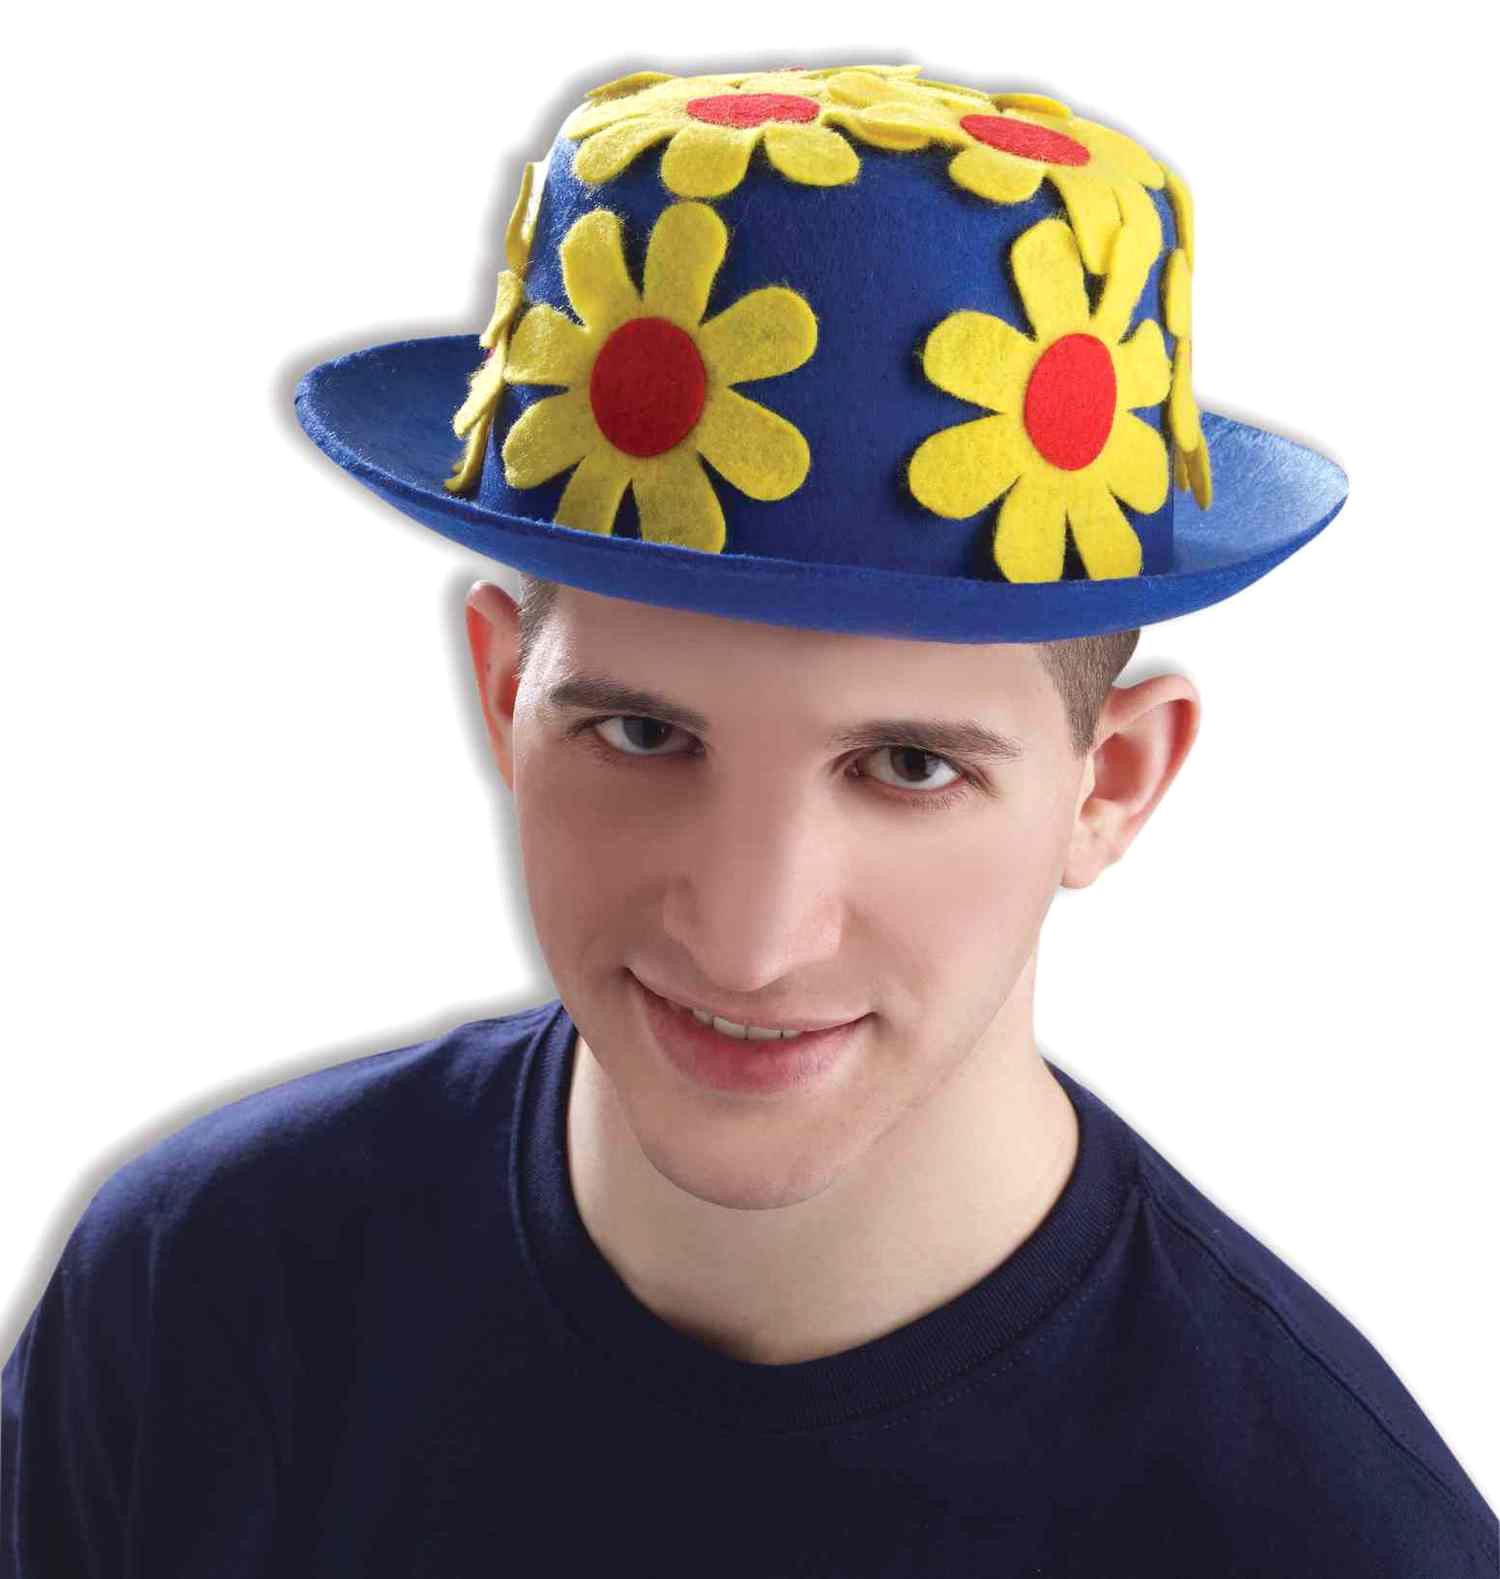 Купить Шляпа клоунская с цветами синяя Forum Novelties f65598,